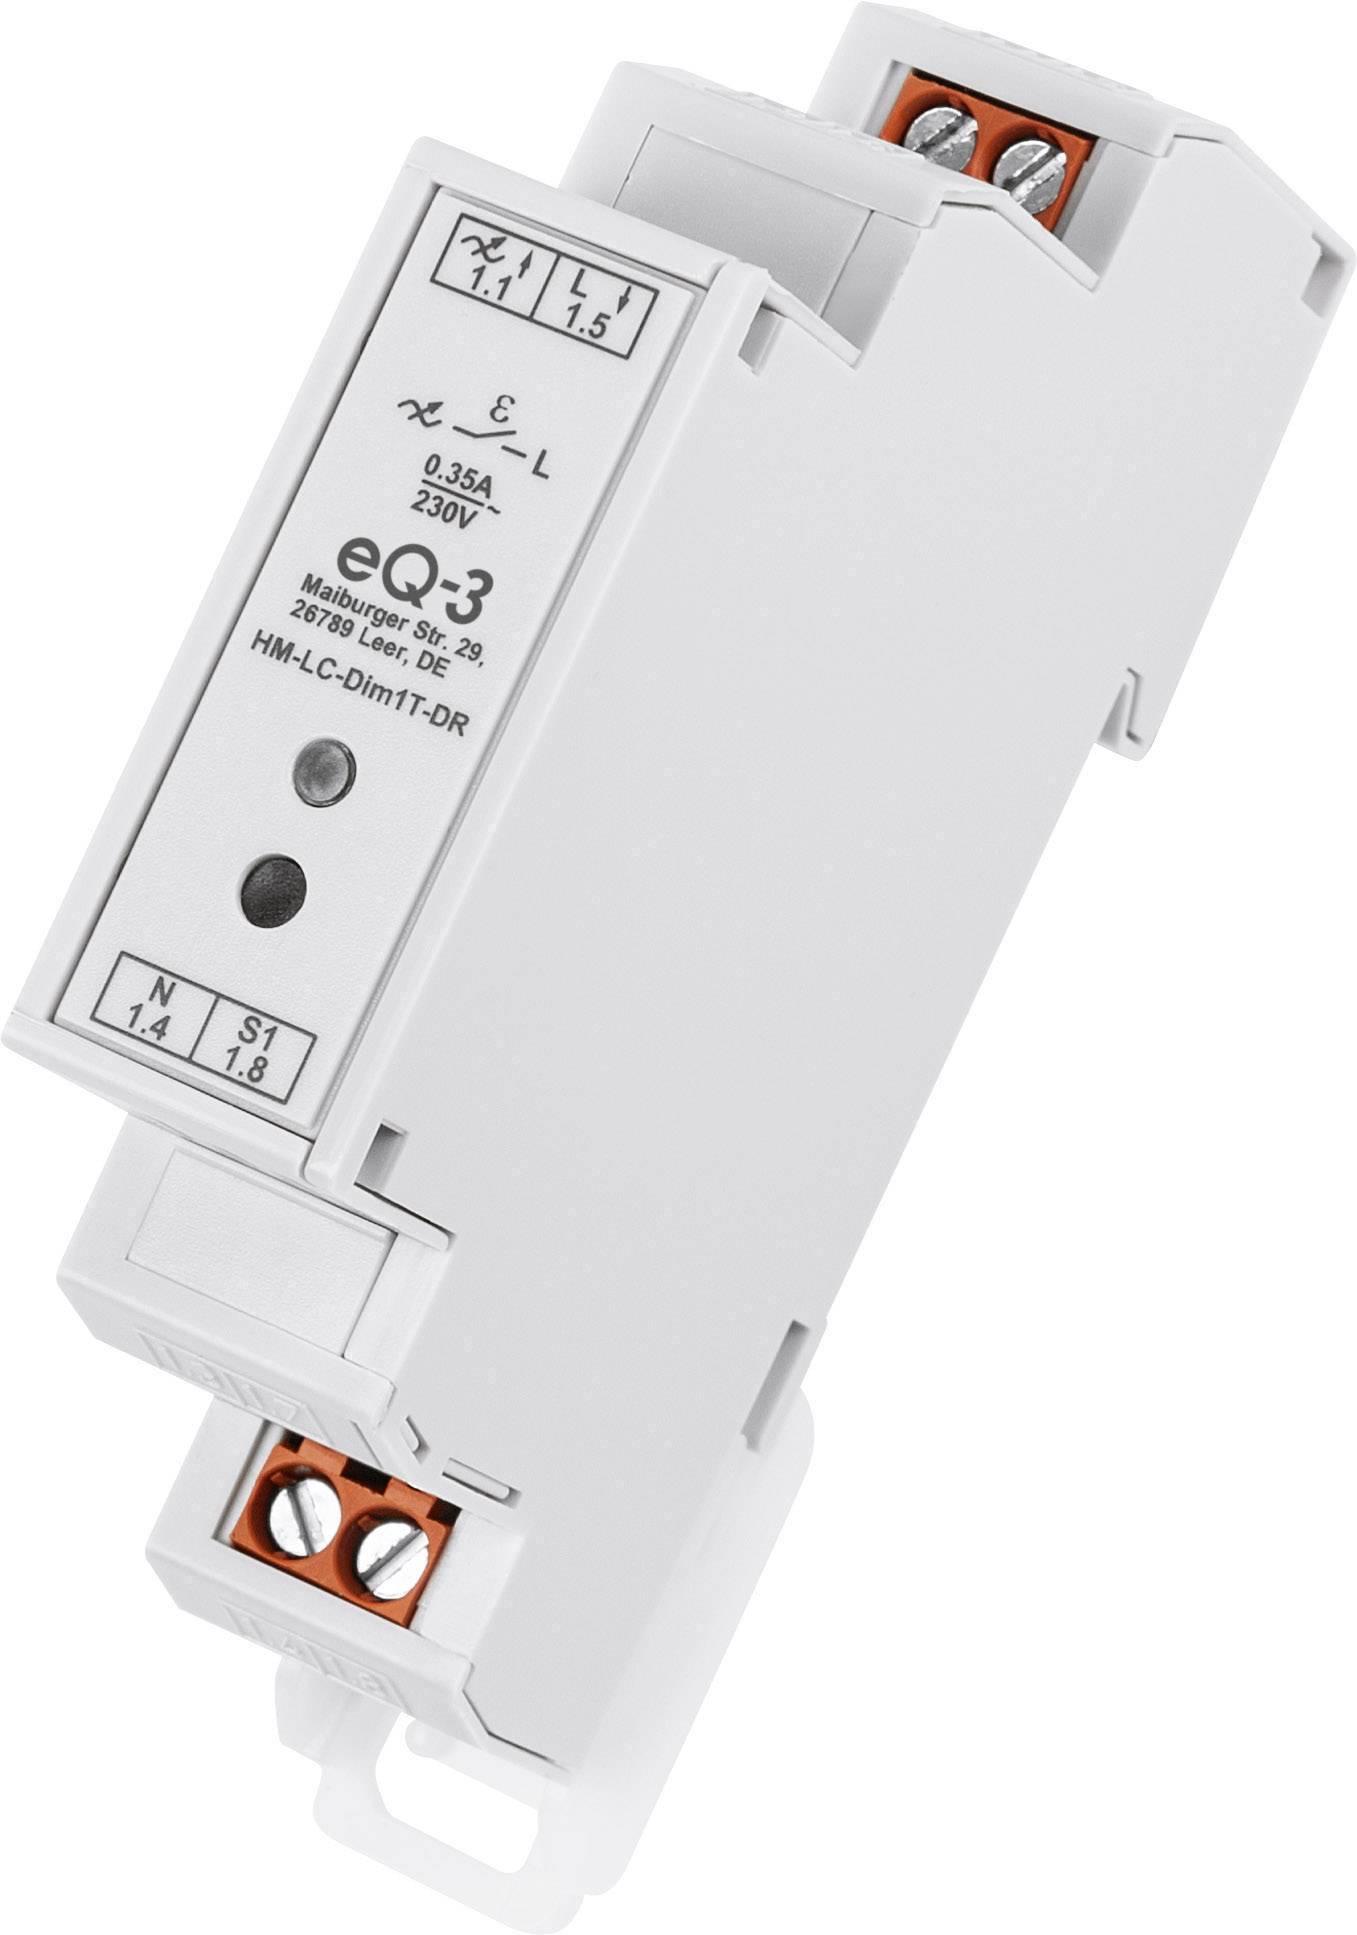 Bezdrátový stmívač montáž na lištu HomeMatic HM-LC-Dim1T-DR